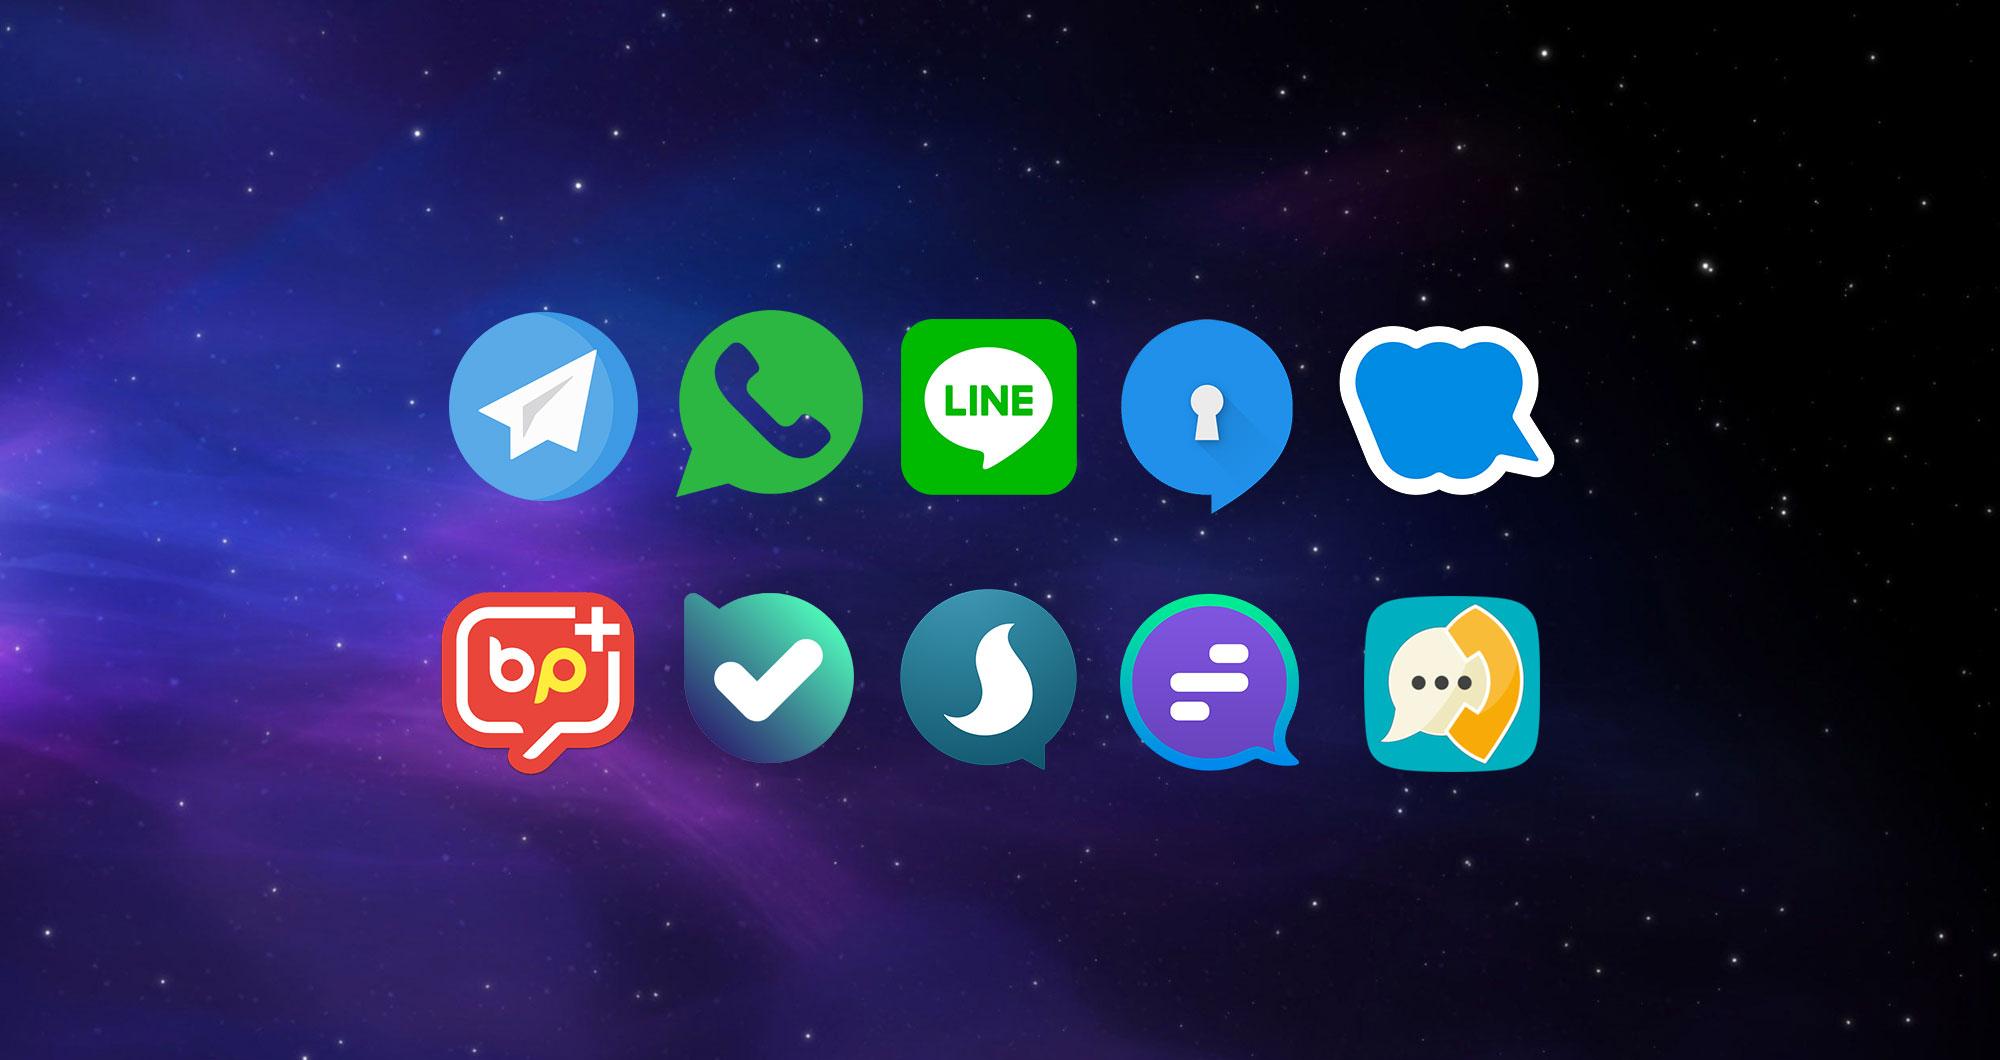 تلگرام بدون فیلتر